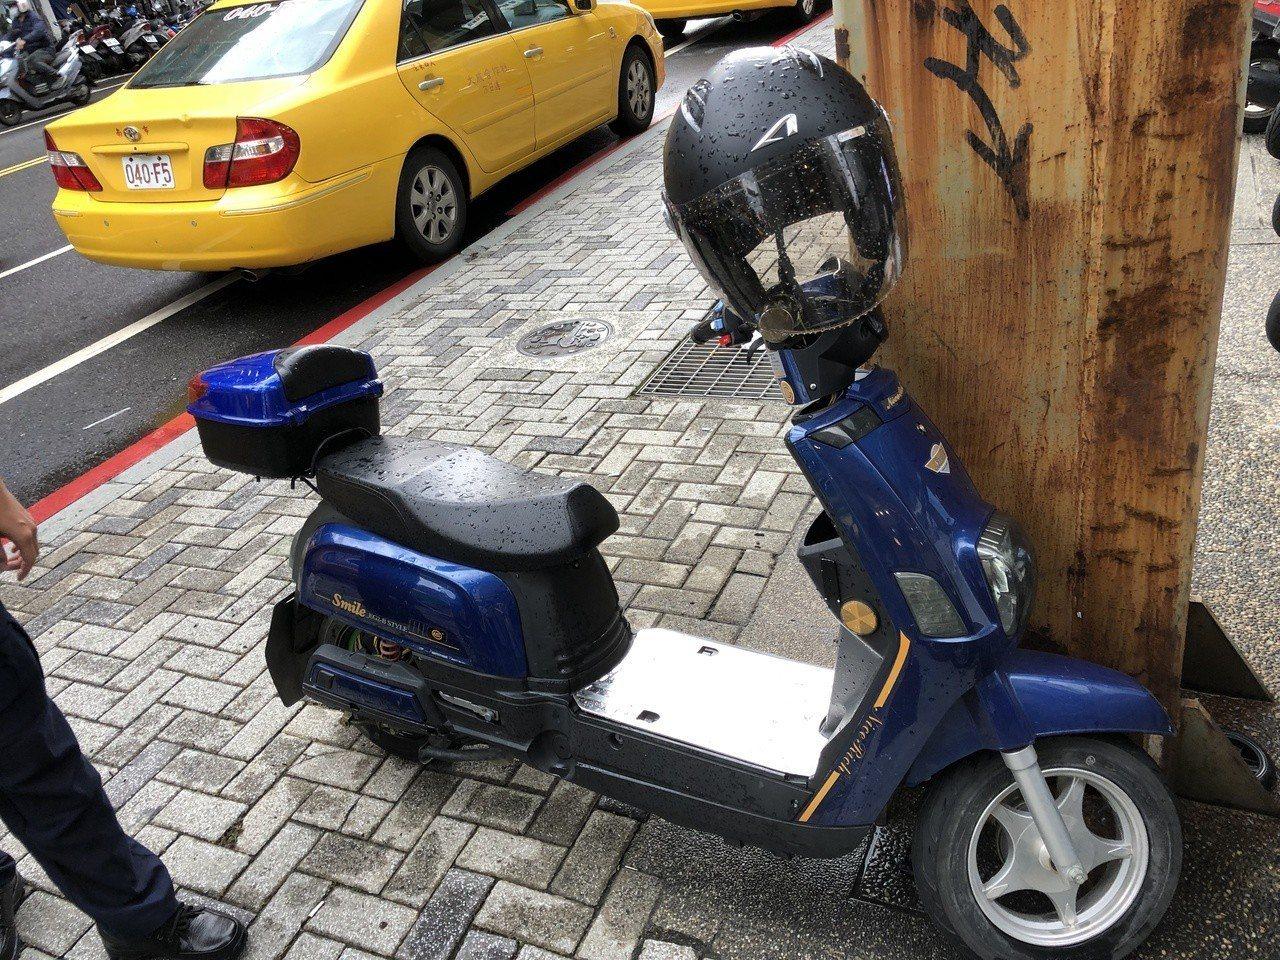 電動自行車不用牌照,也不需駕照,相較於電動機車來的便宜且好維修,邇來成了外籍移工...